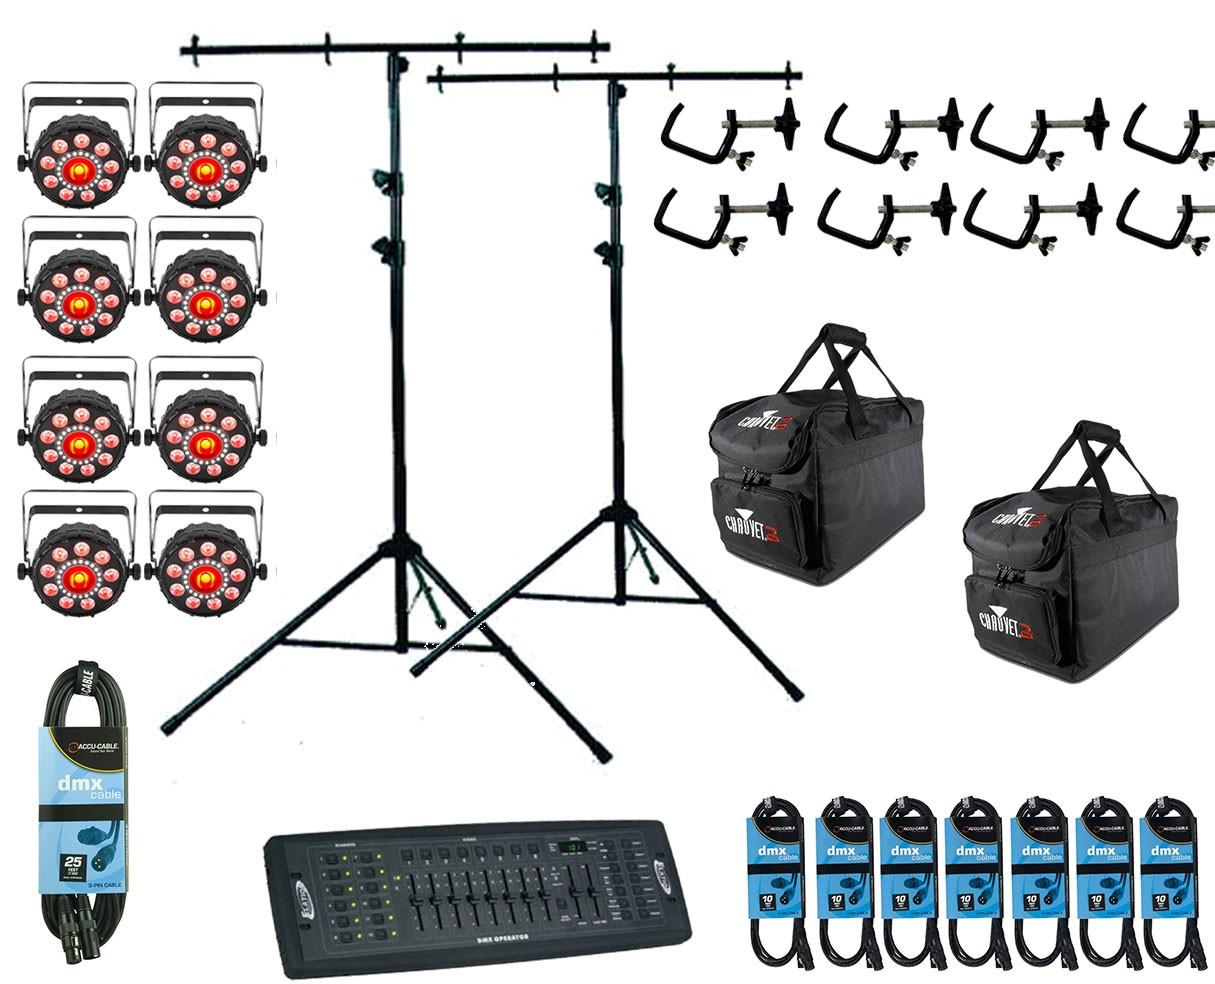 8x Chauvet FXpar 9 + Controller + Clamps + Cables + Bags + Stands